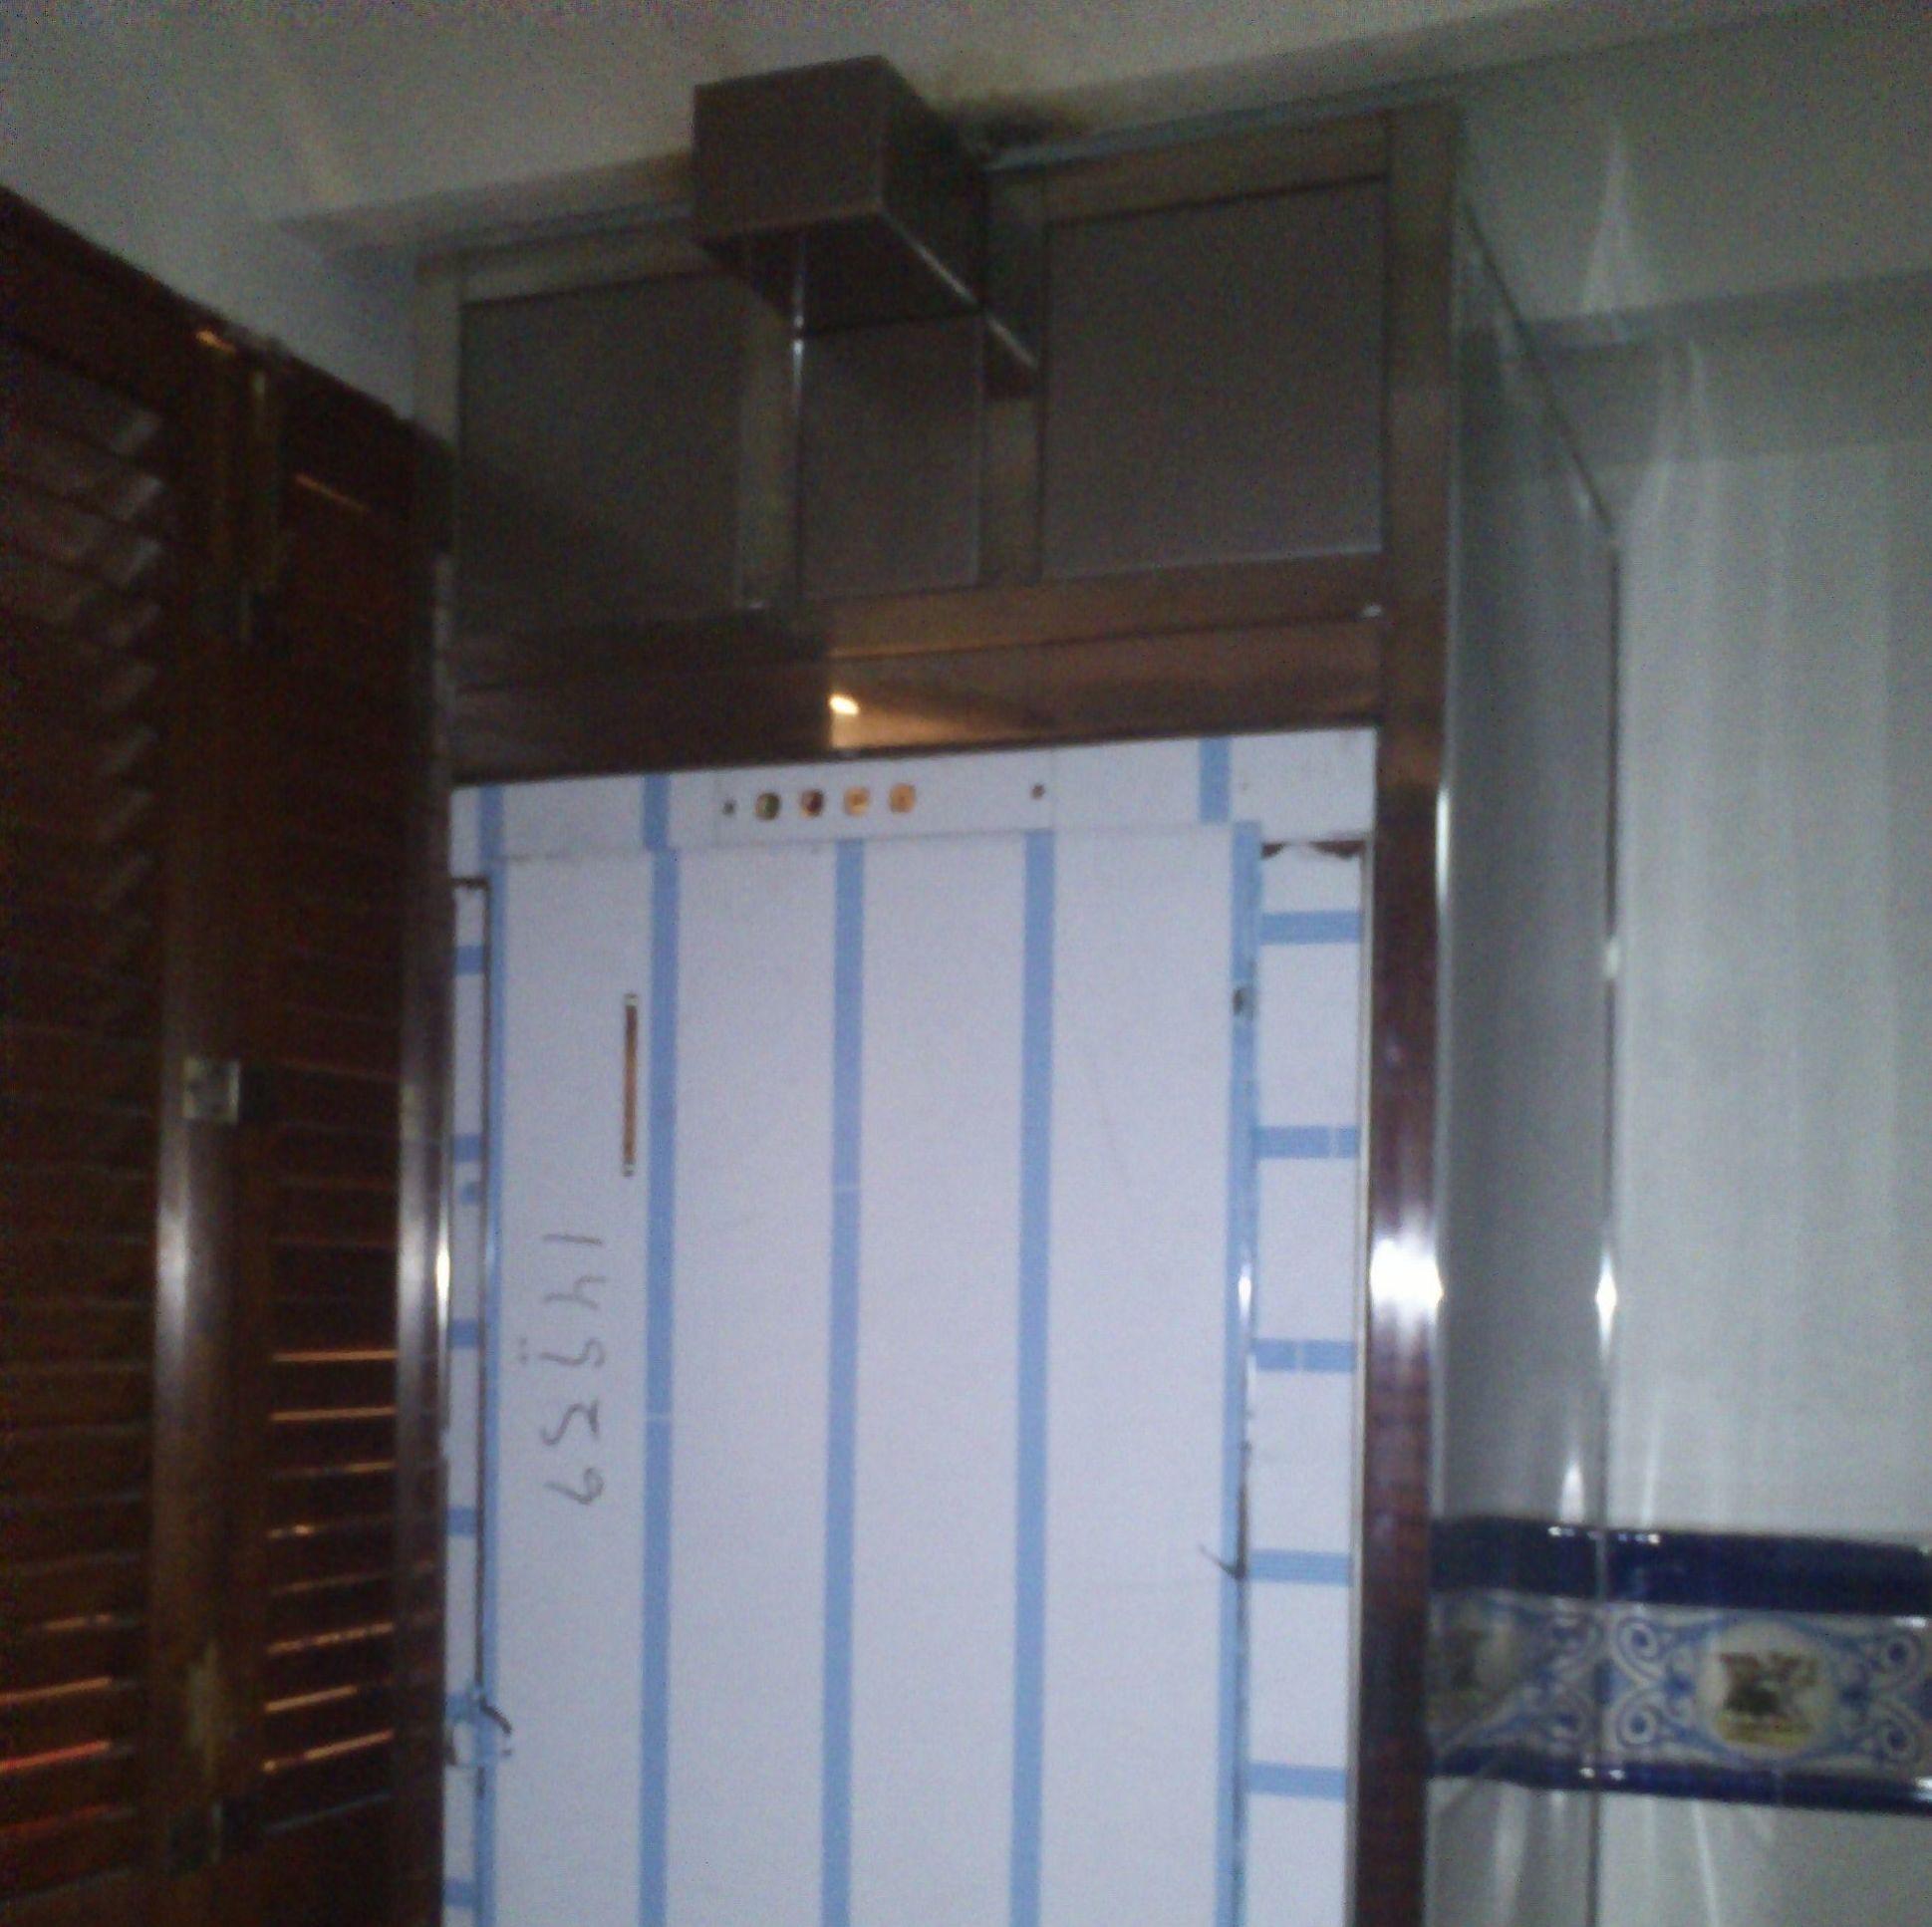 Foto 38 de Especialistas en diseños y proyectos en acero inoxidable en Alcalá de Guadaíra | Icminox